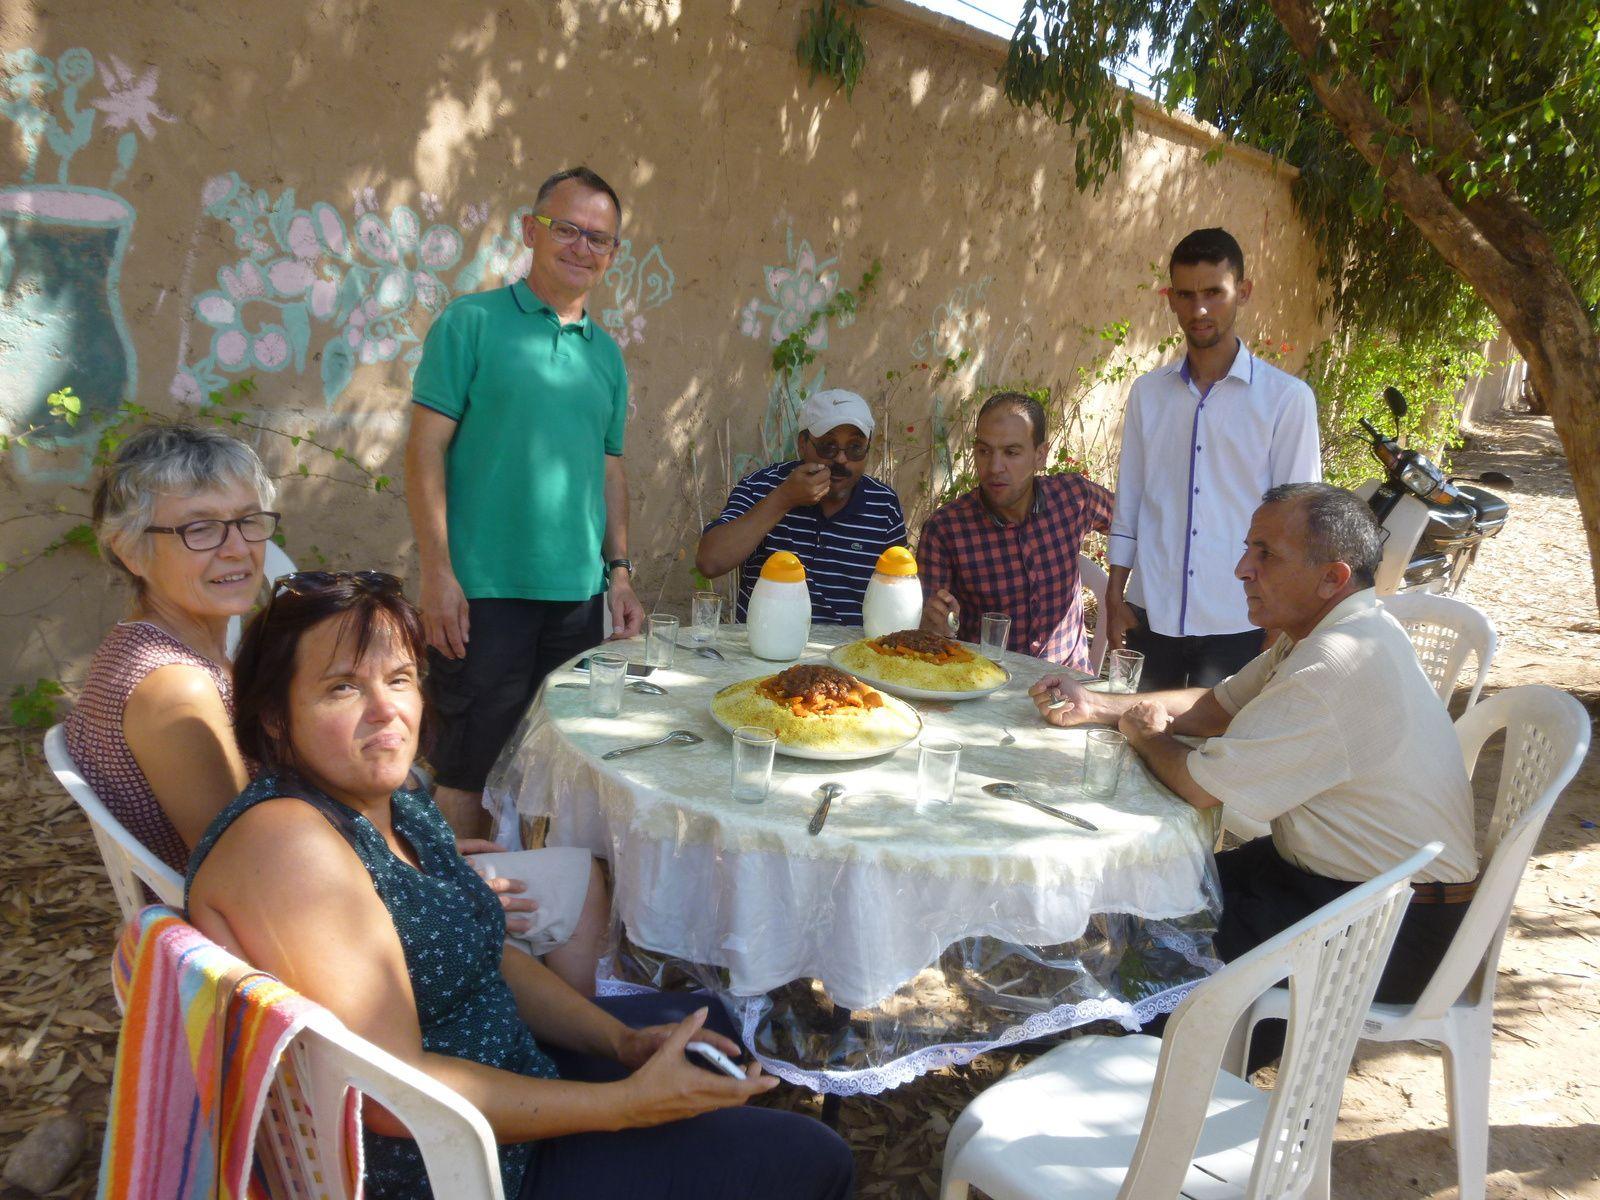 La convivialité marocaine une fois de plus appréciée. Couscous, tajine le plaisir de la cuisine marocaine